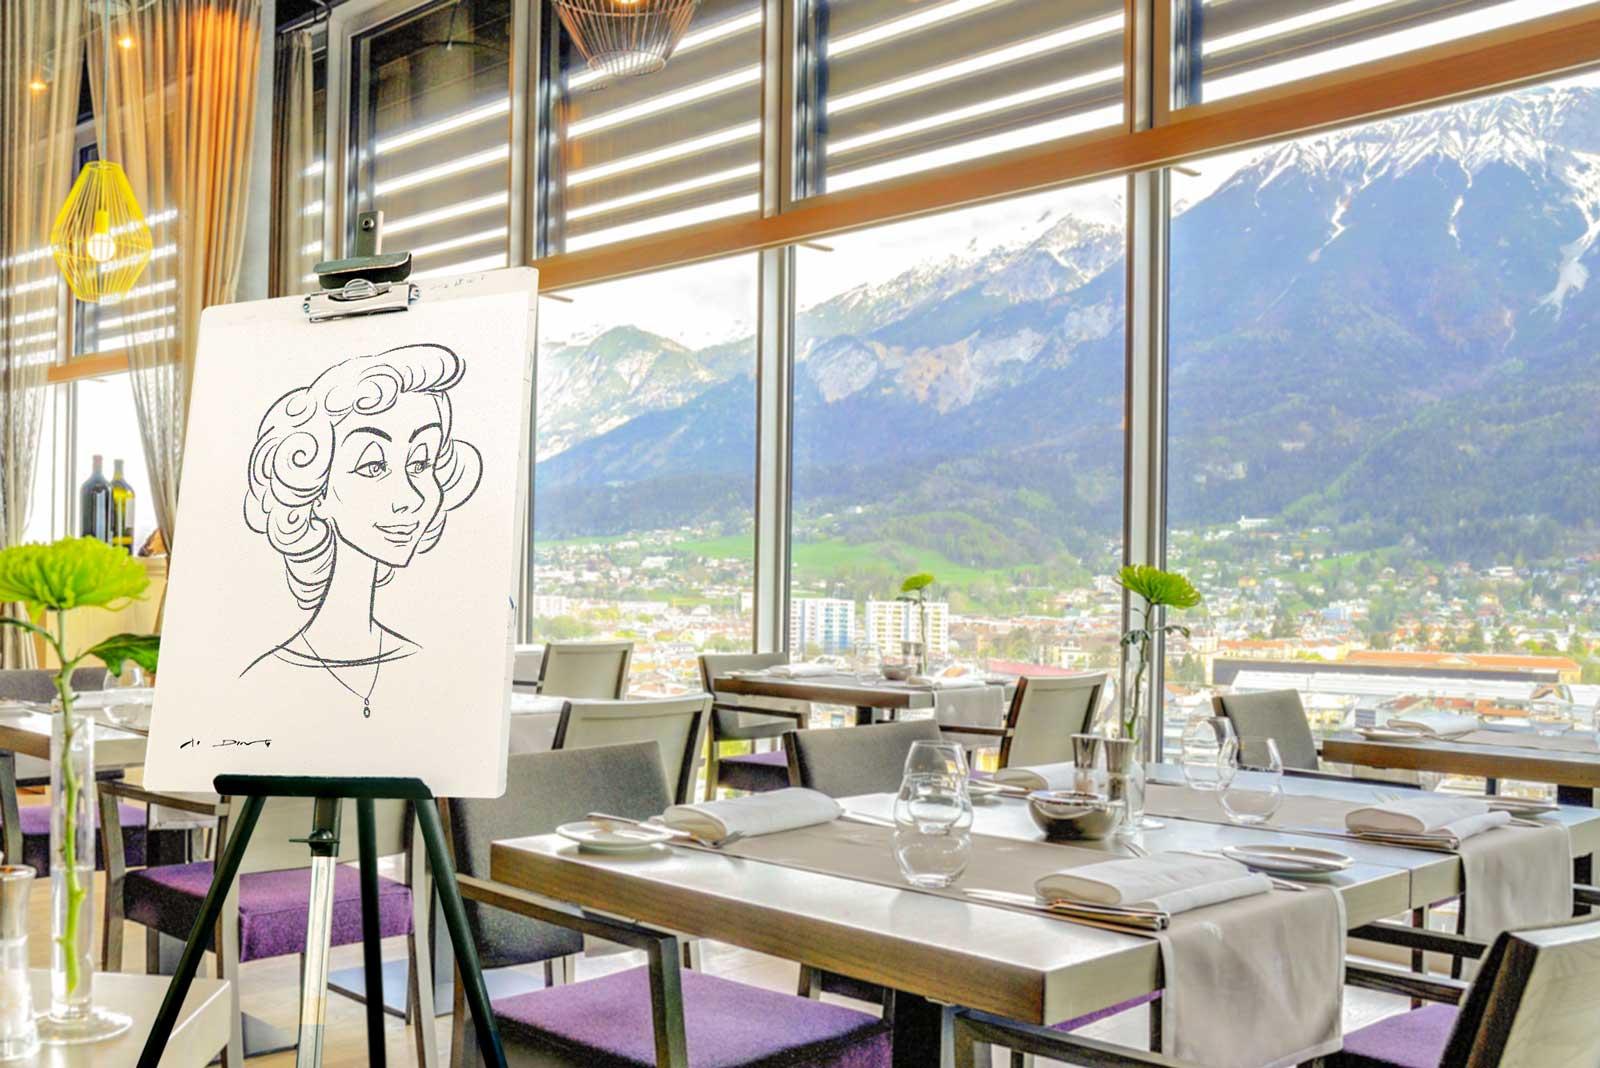 Karikaturist und Schnellzeichner für Innsbruck und Umgebung